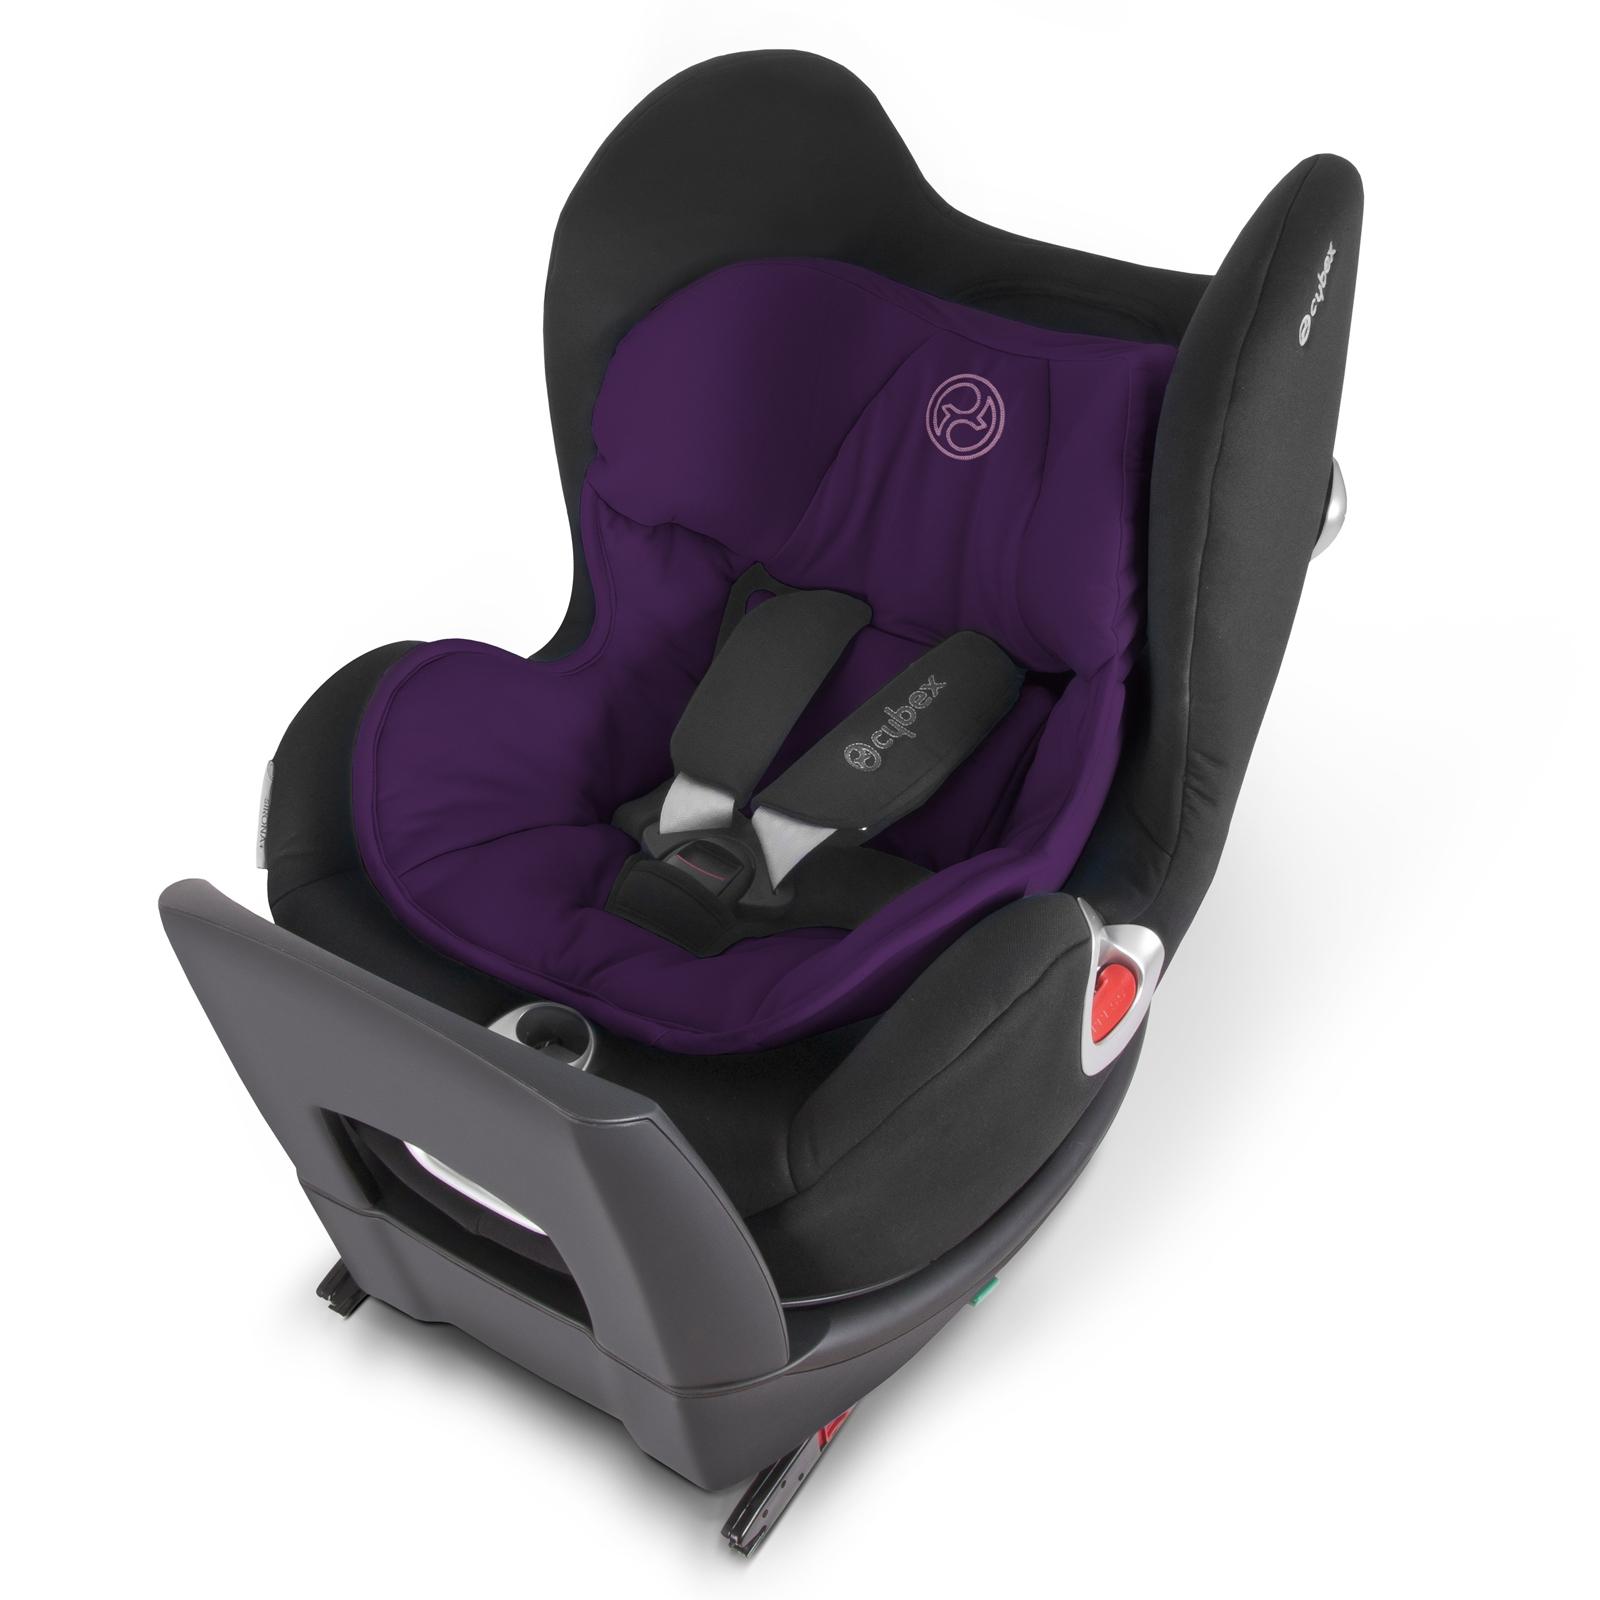 Вкладыш для новорожденного Cybex в автокресло Sirona Violet Spring